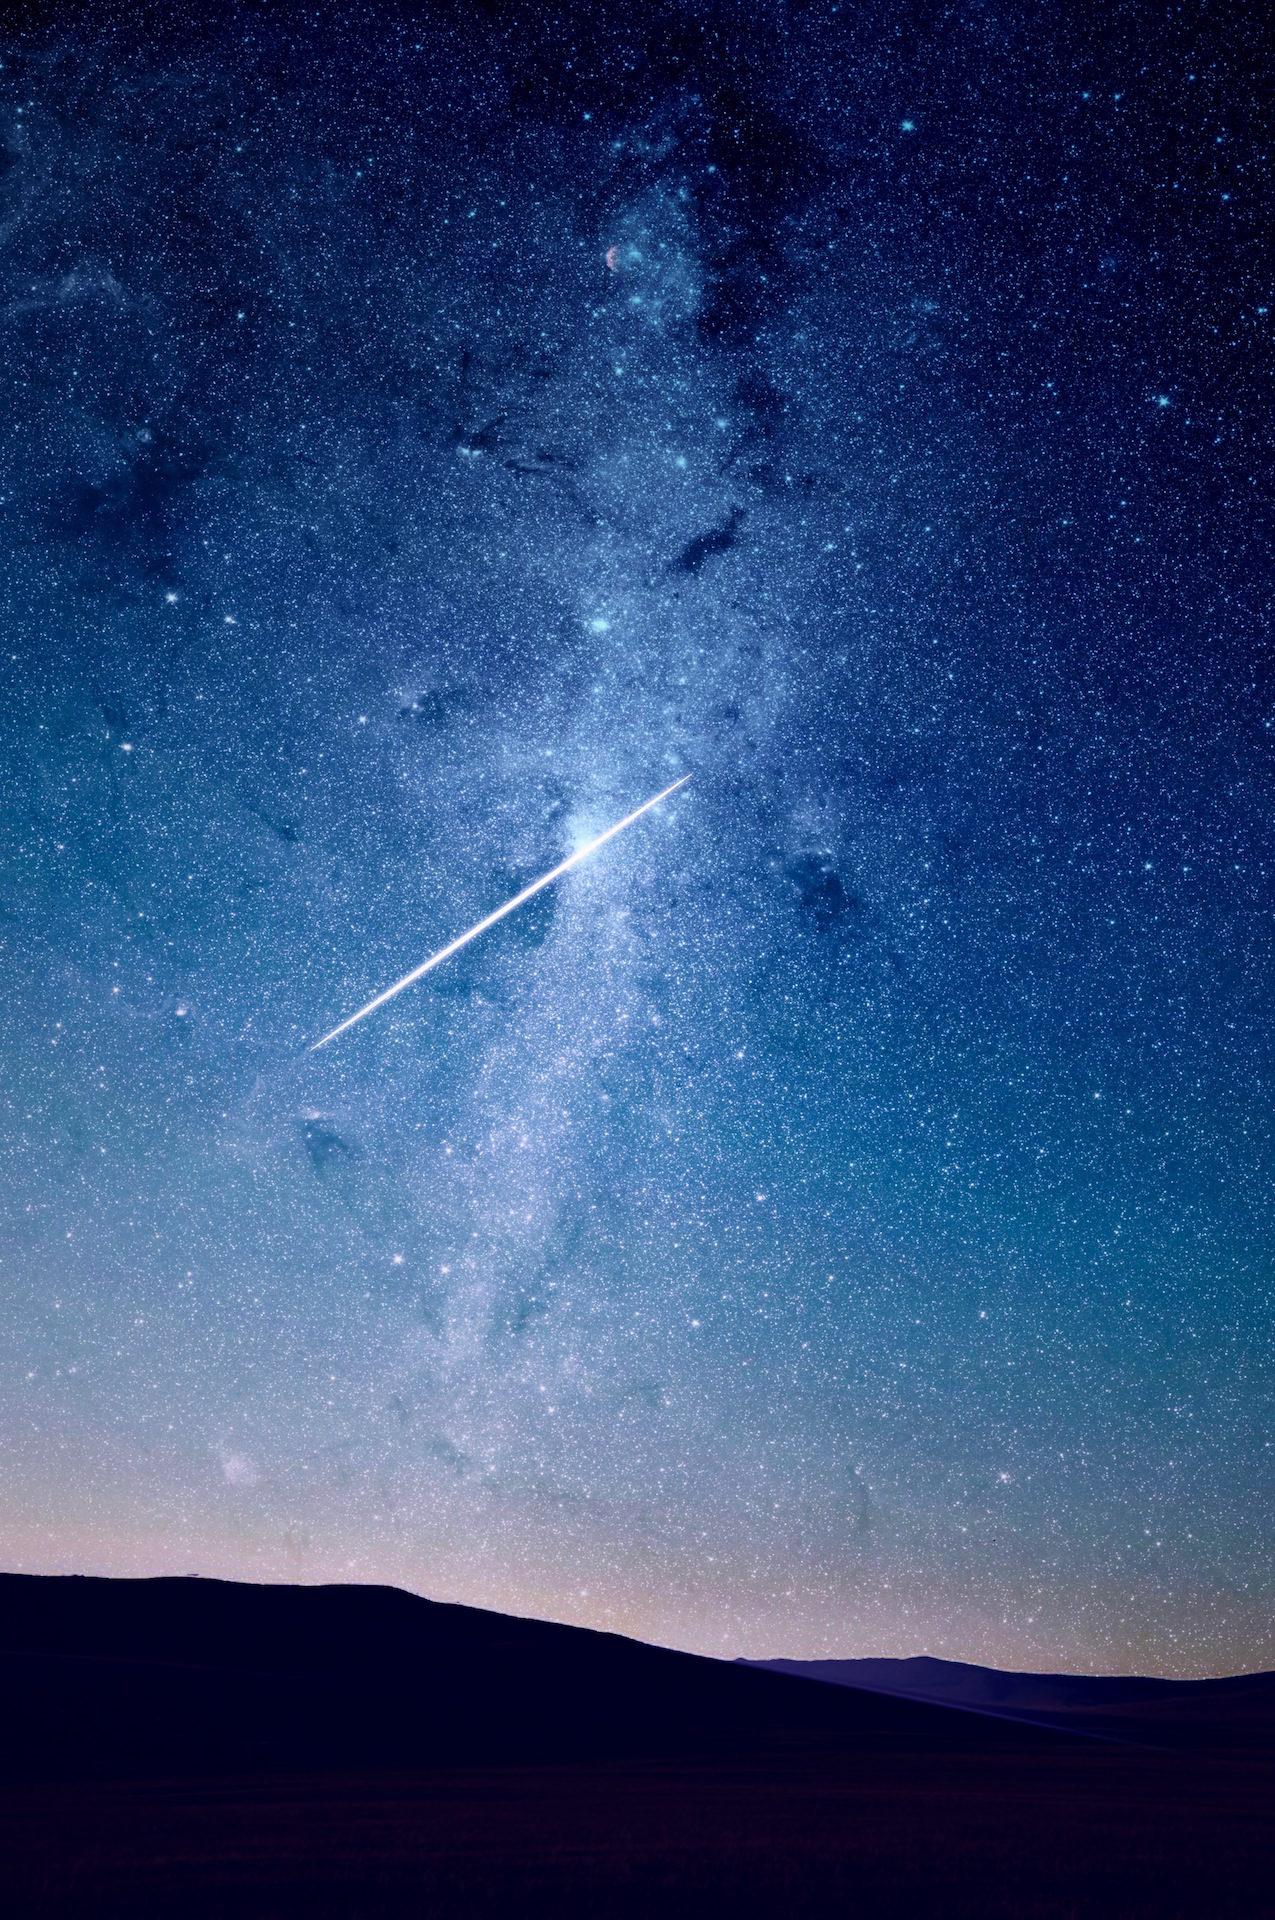 夜, 空, つ星, つかの間, 欲望 - HD の壁紙 - 教授-falken.com